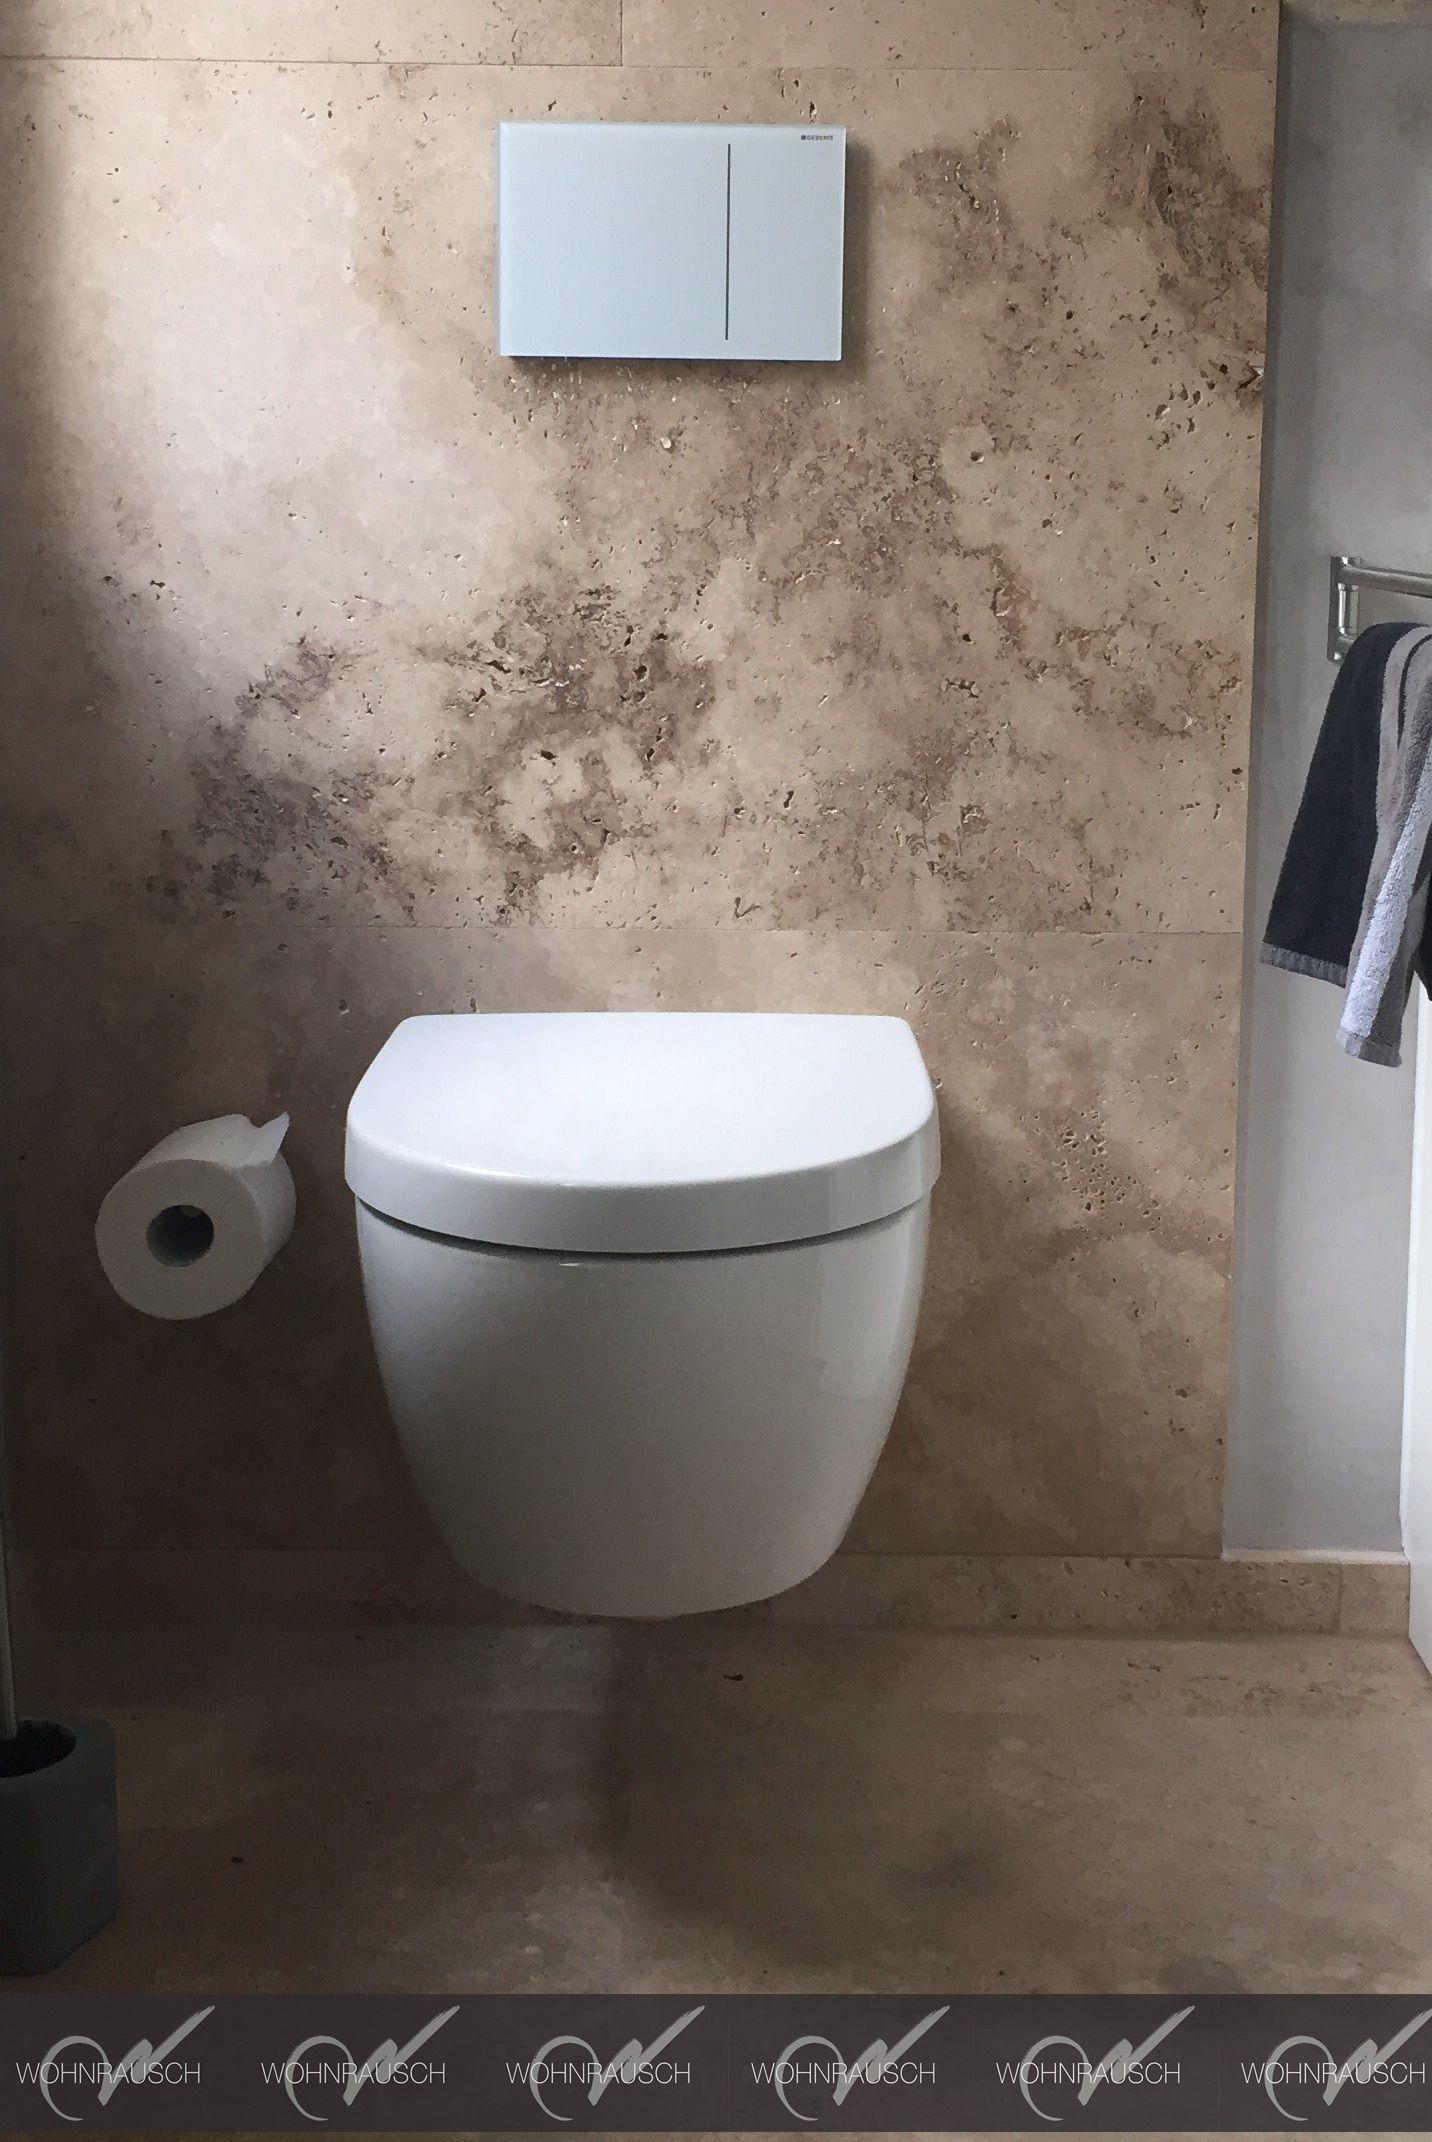 Travertin Bad bad aus travertin natursteinen besuchen sie unsere homepage wc